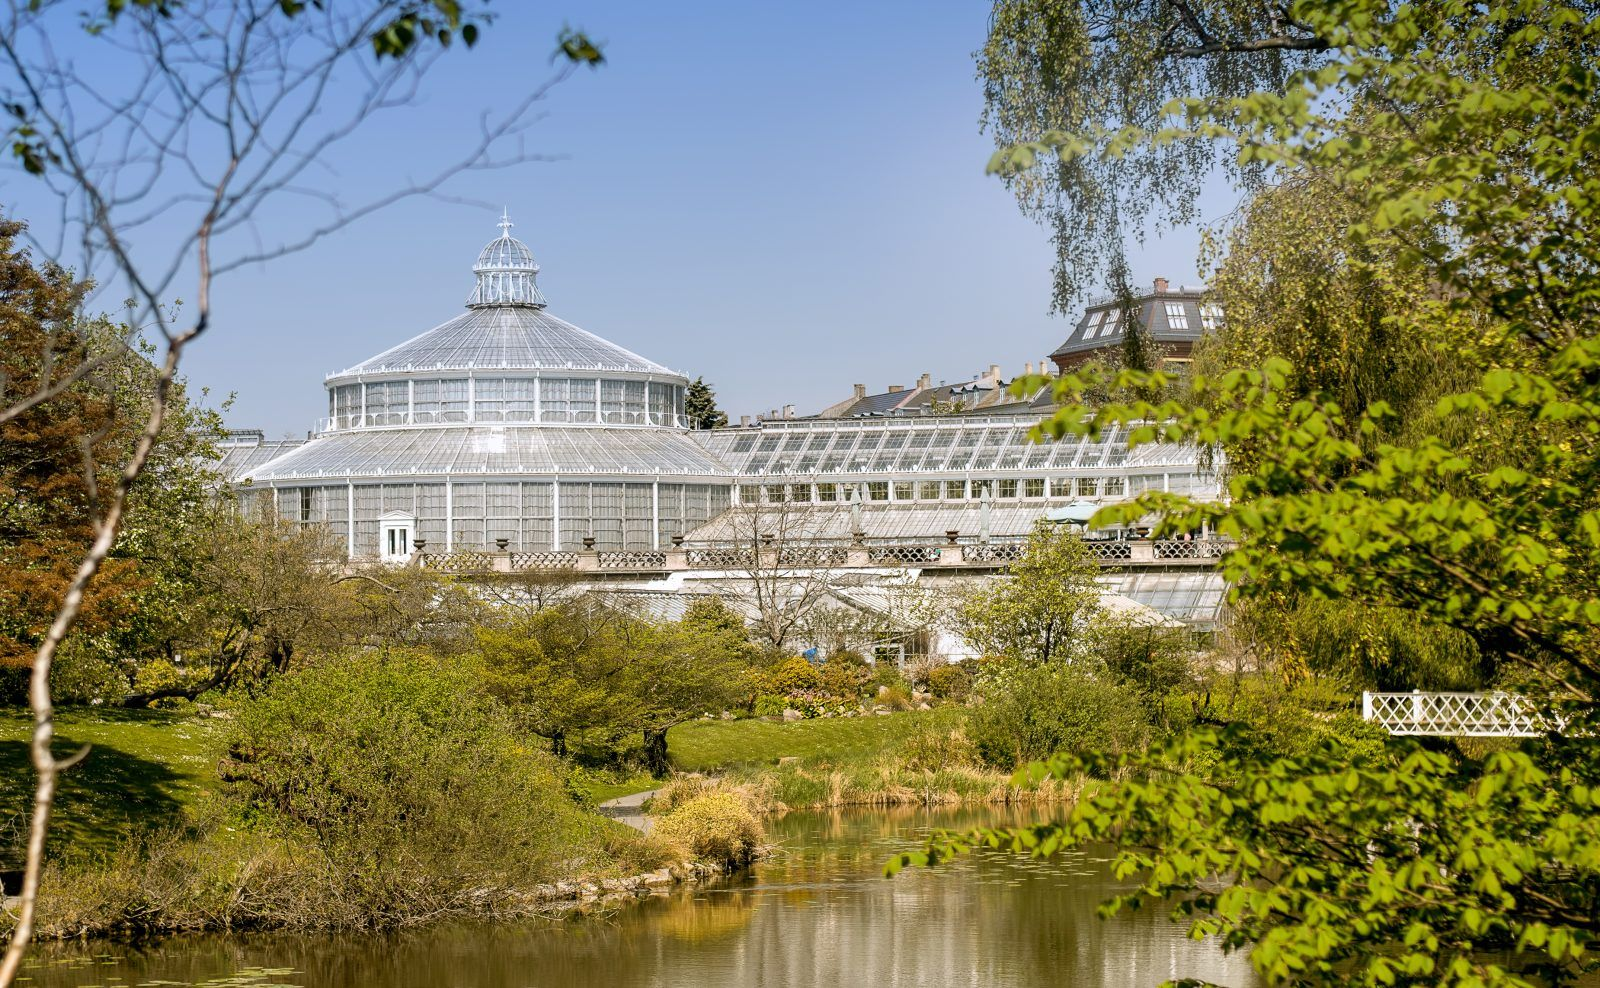 Botanische tuin kopenhagen hotspots